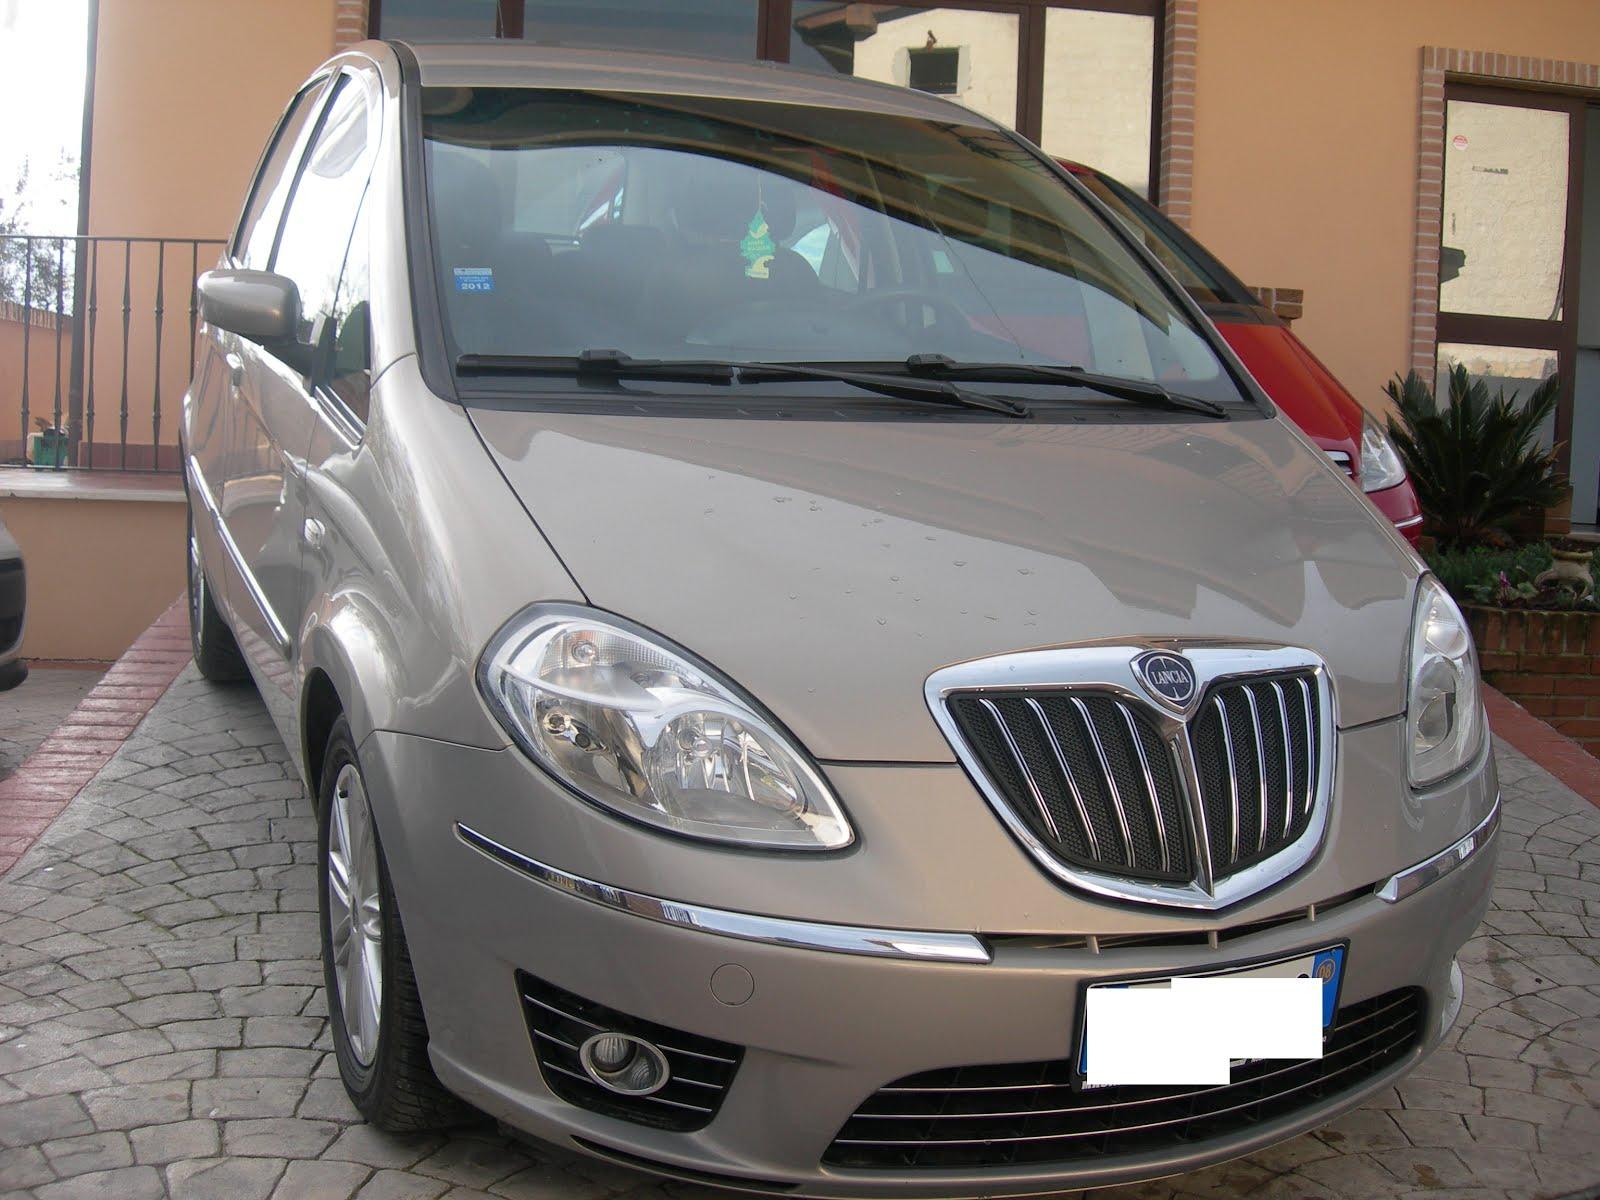 LANCIA MUSA 1.4  BENZINA CAMBIO AUTOMATICO 90 CV CON 75.000 KM  MODELLO ORO PLUS